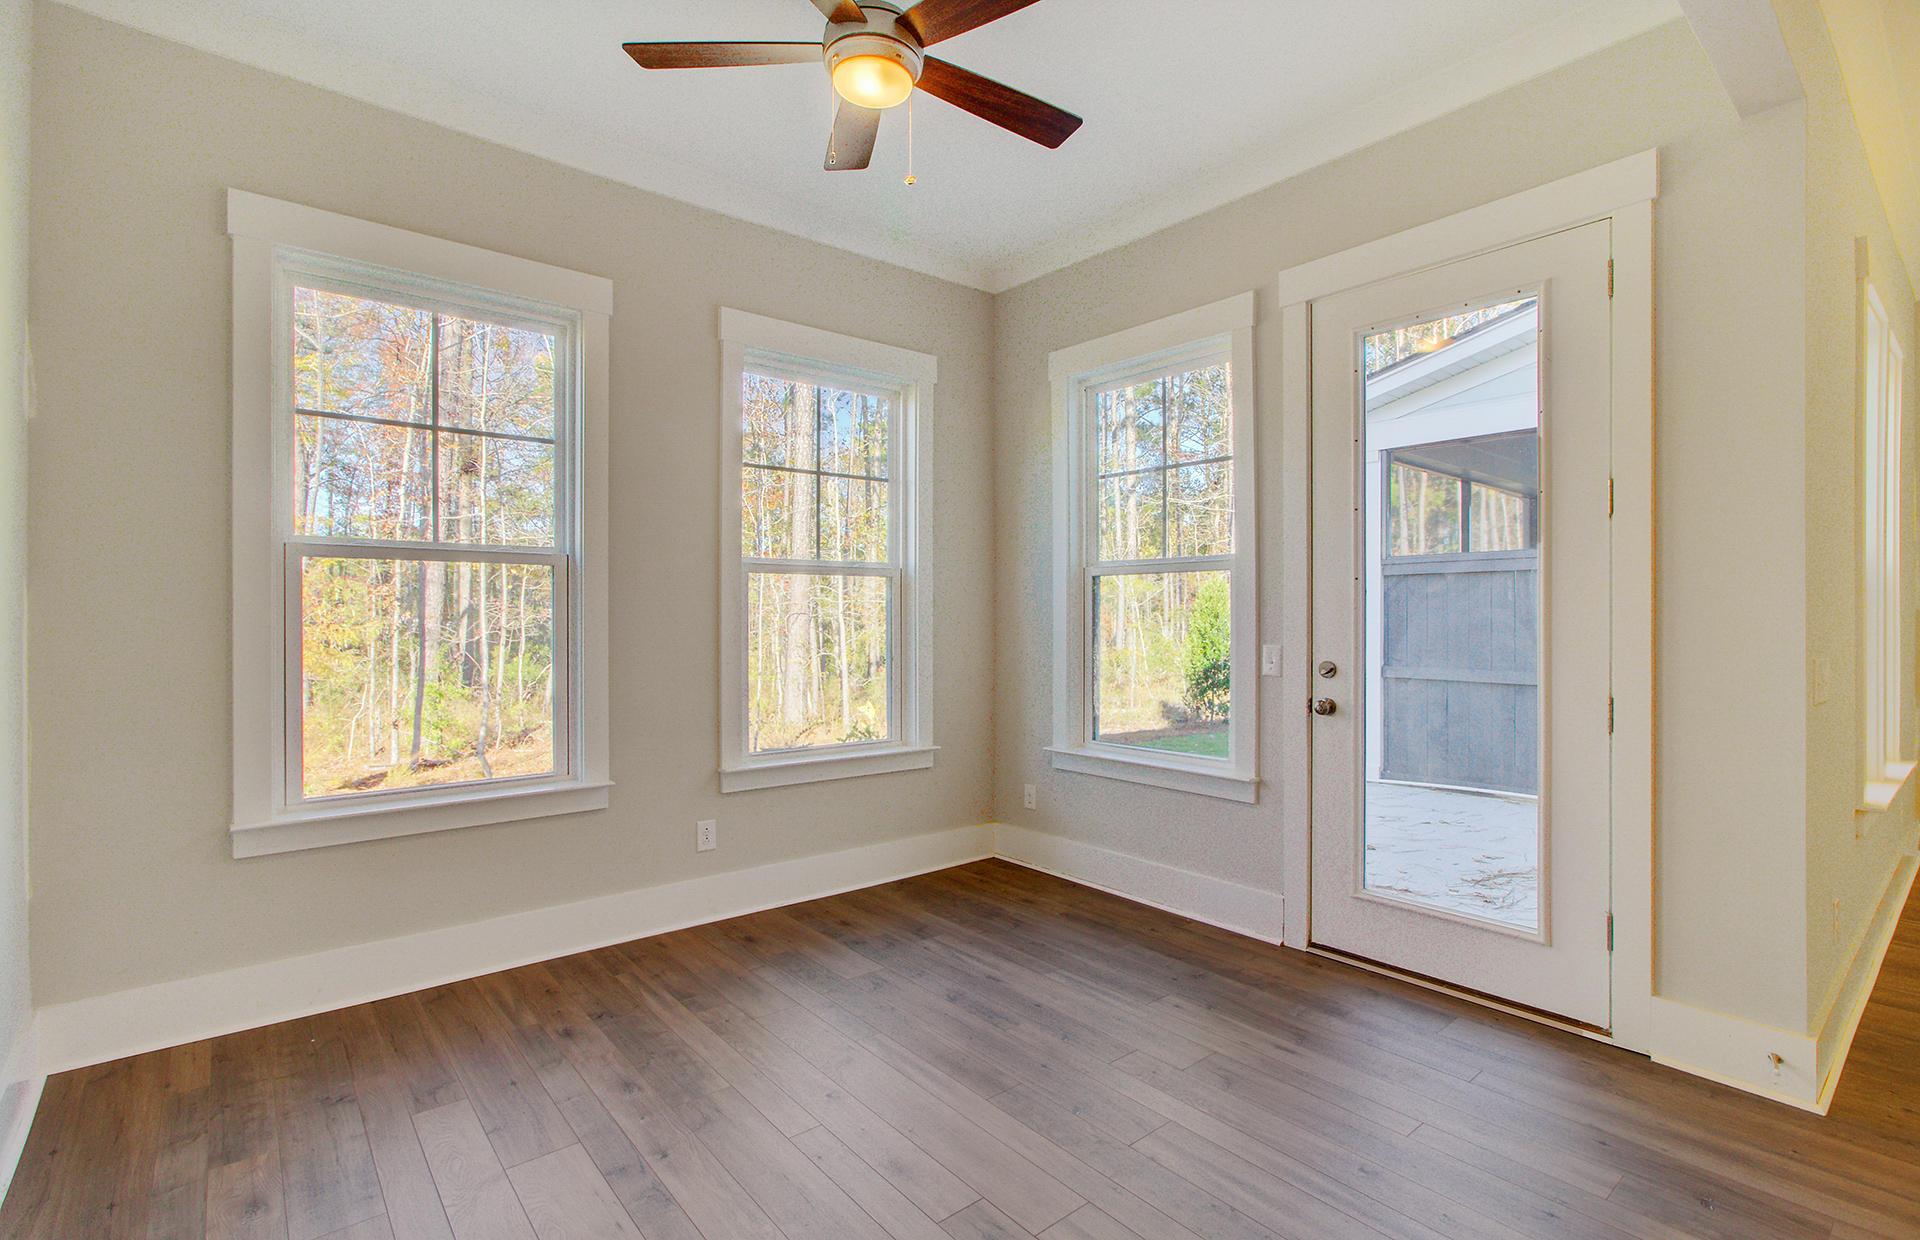 Dunes West Homes For Sale - 2406 Brackish, Mount Pleasant, SC - 14